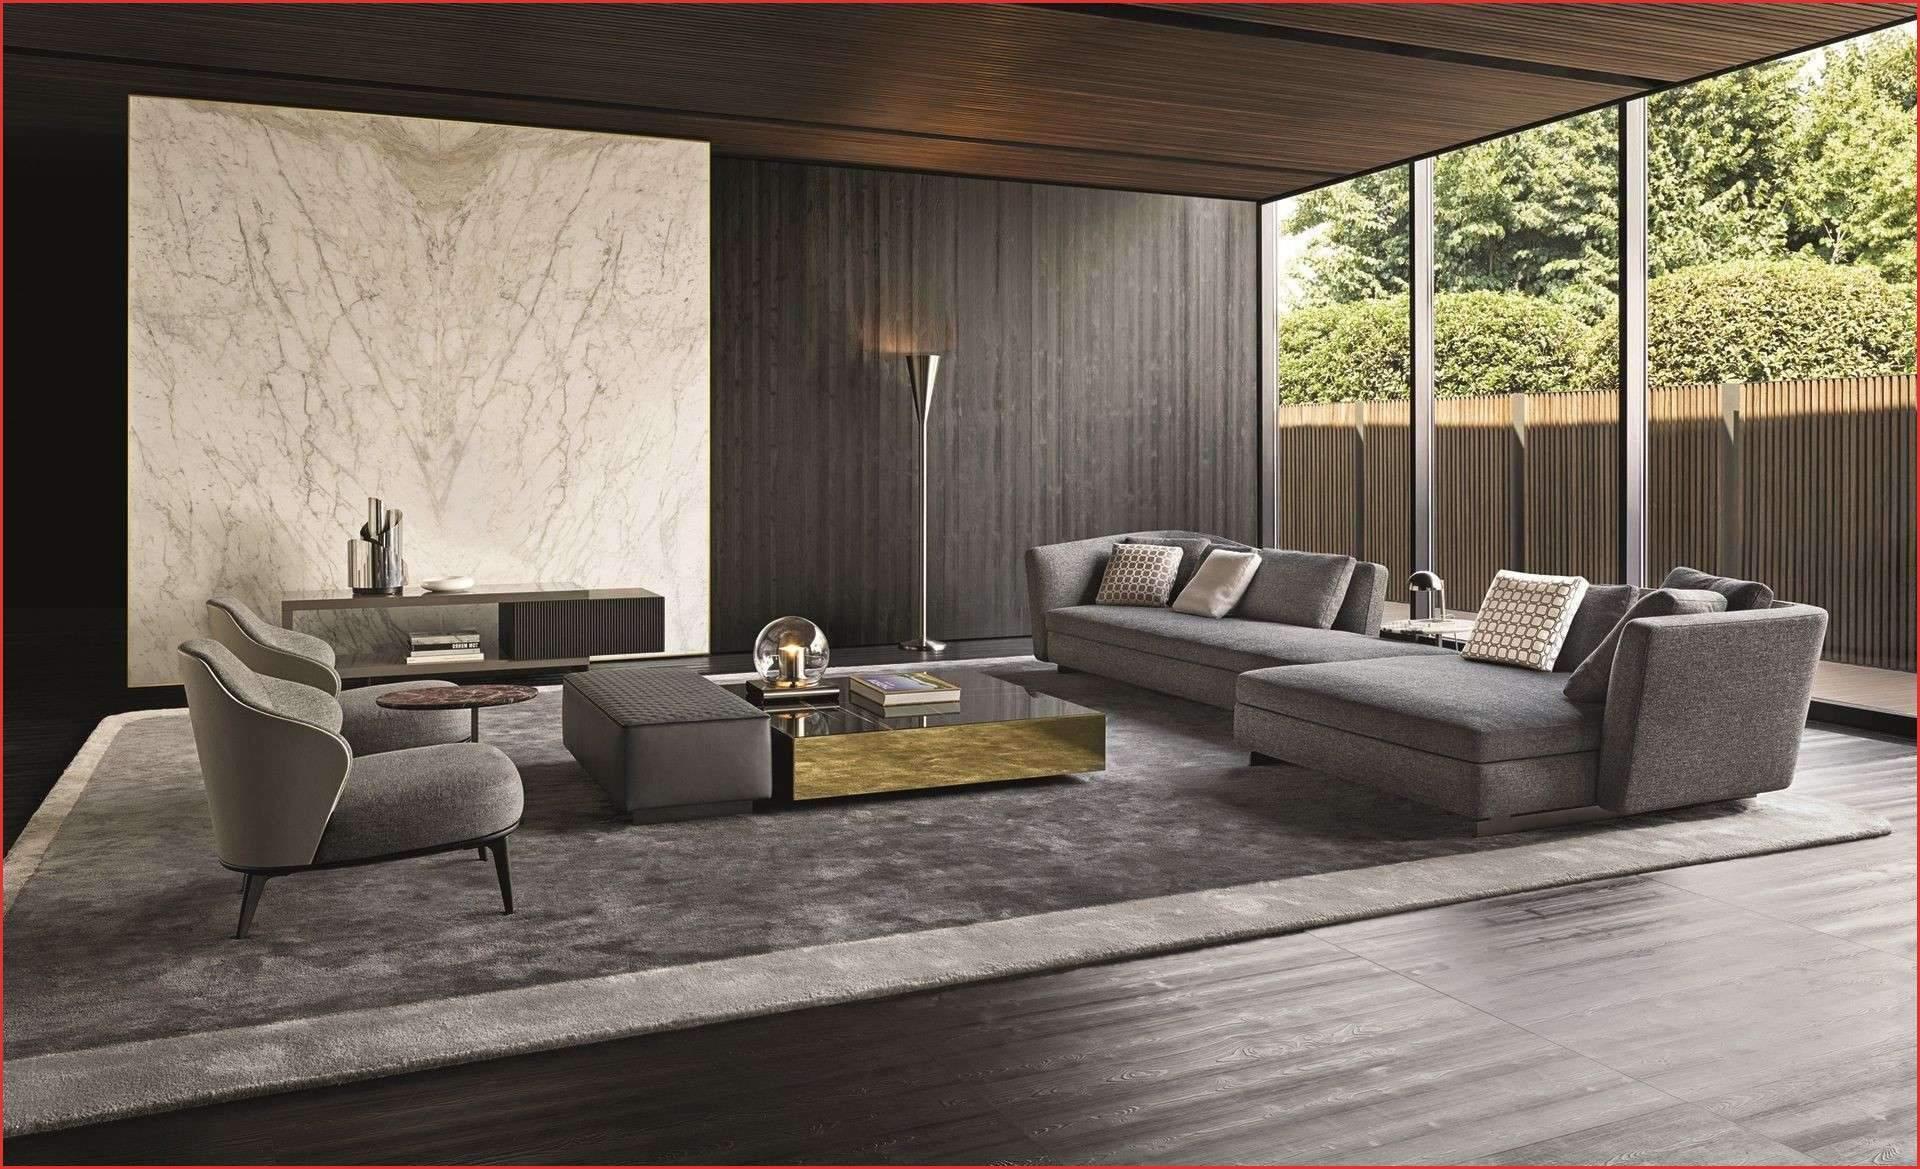 kaminofen wohnzimmer luxus kamin wohnzimmer frisch wohnideen kamin im wohnzimmer modern of kaminofen wohnzimmer